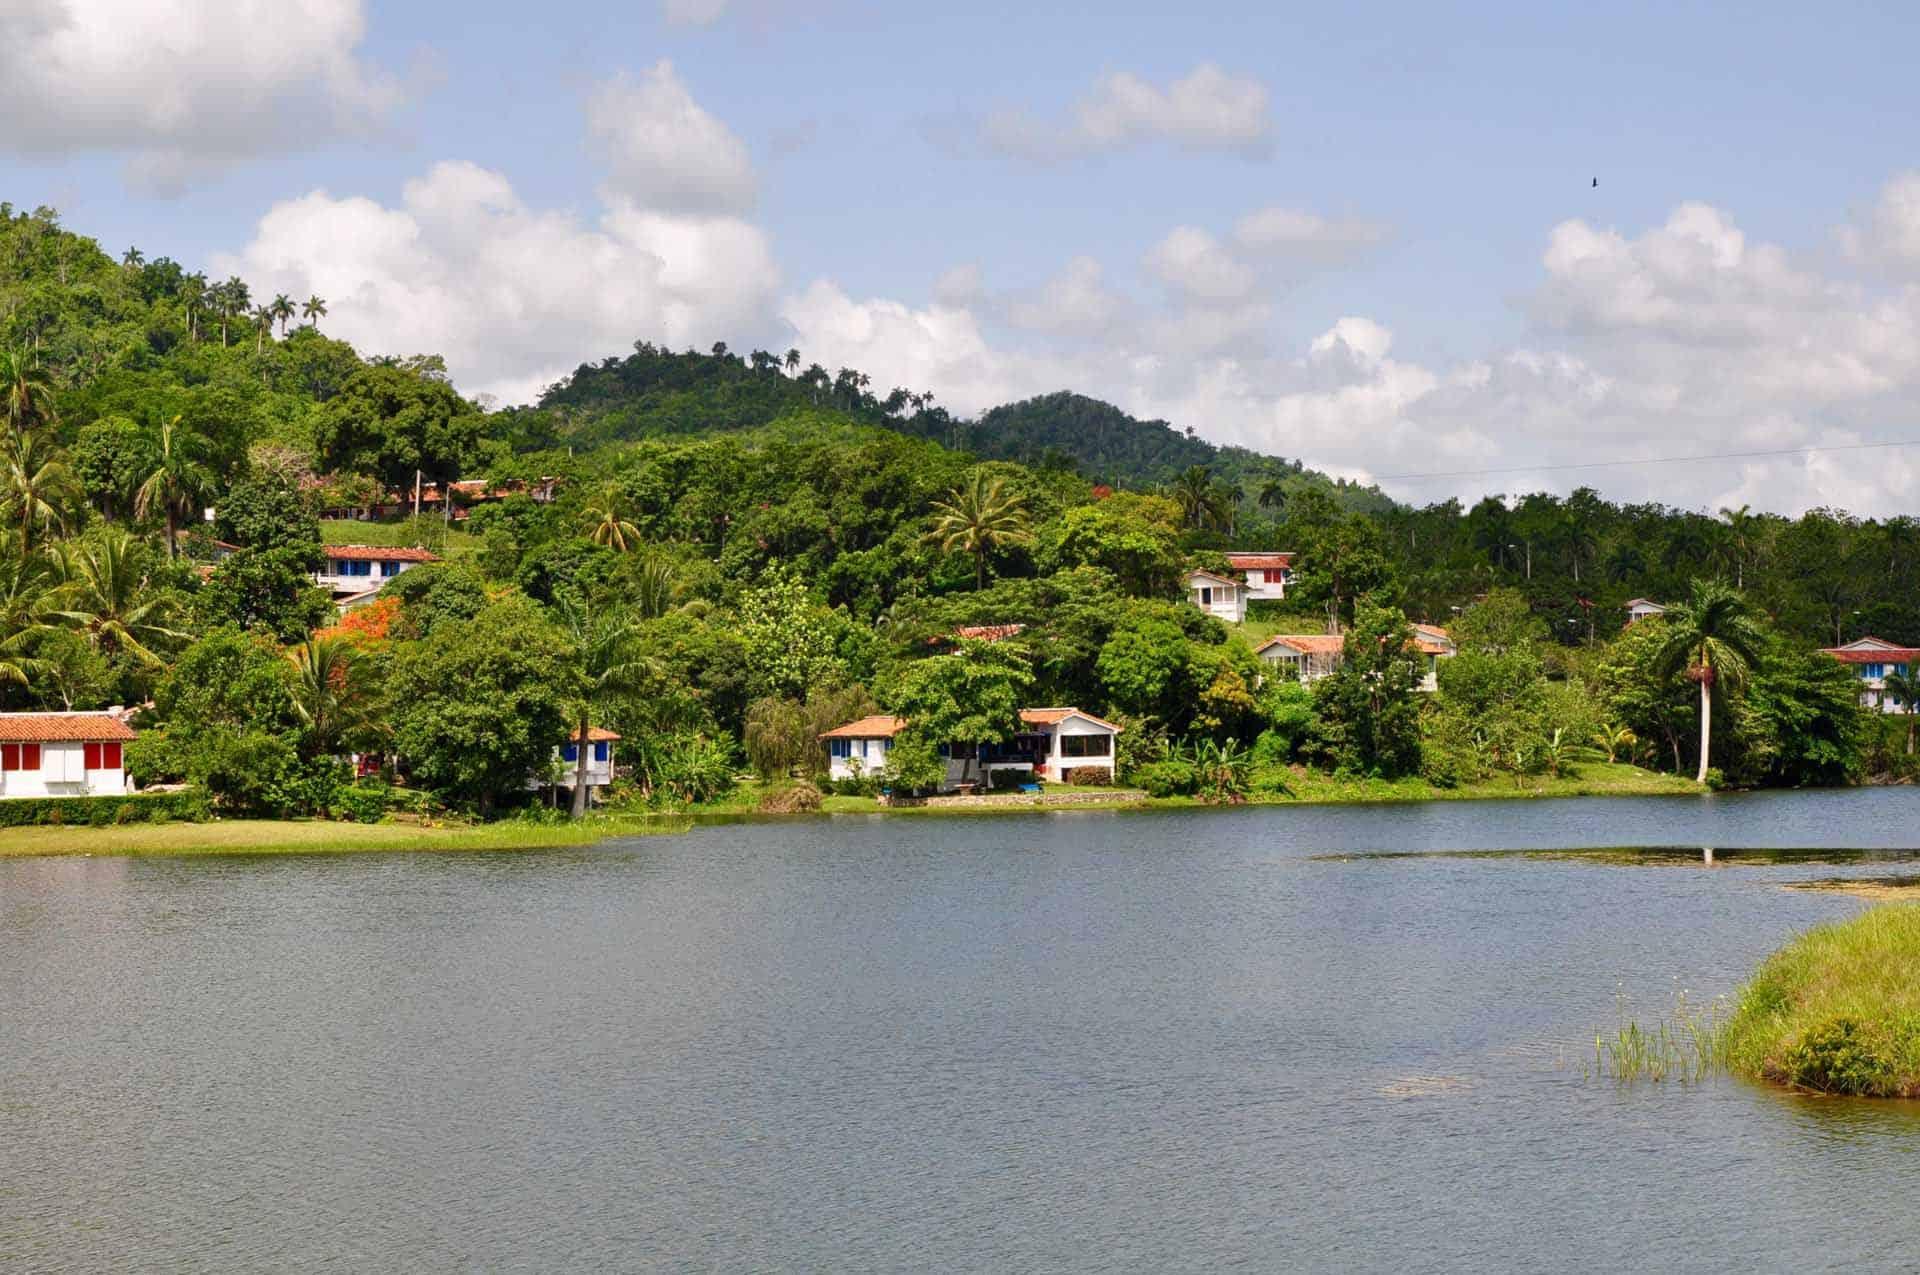 las terrazas paysage communaute lac nature cuba autrement 2